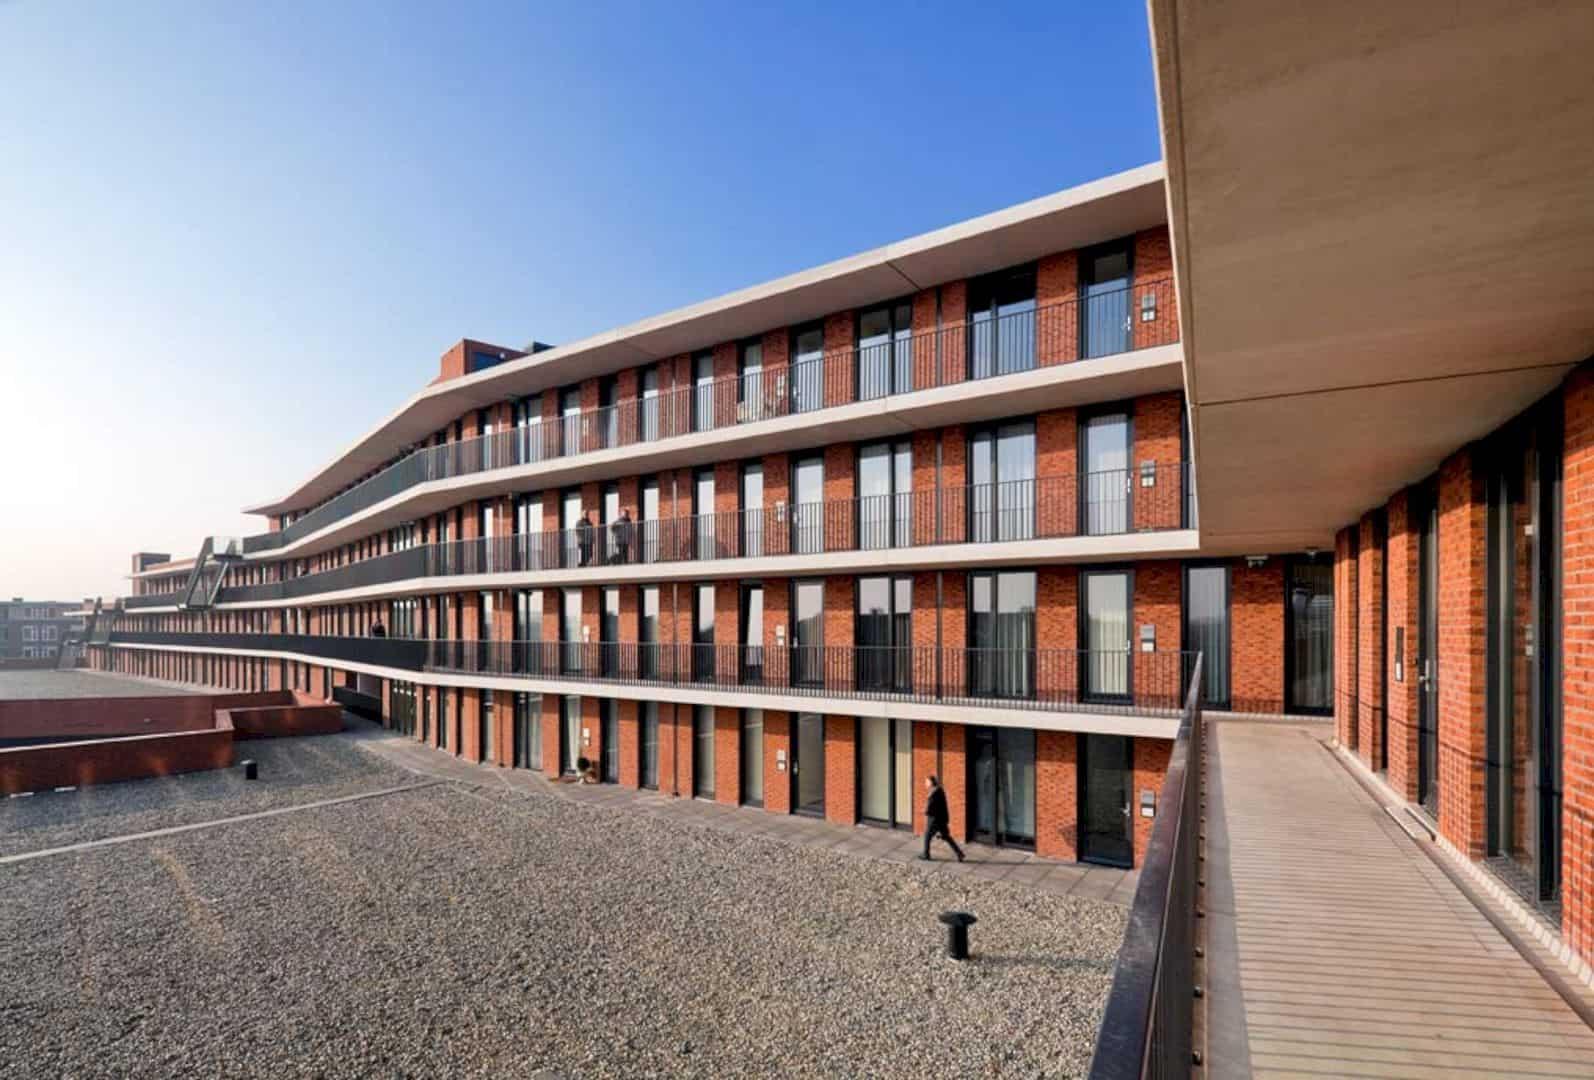 Residences Cuijk By Jeanne Dekkers Architectuur 4